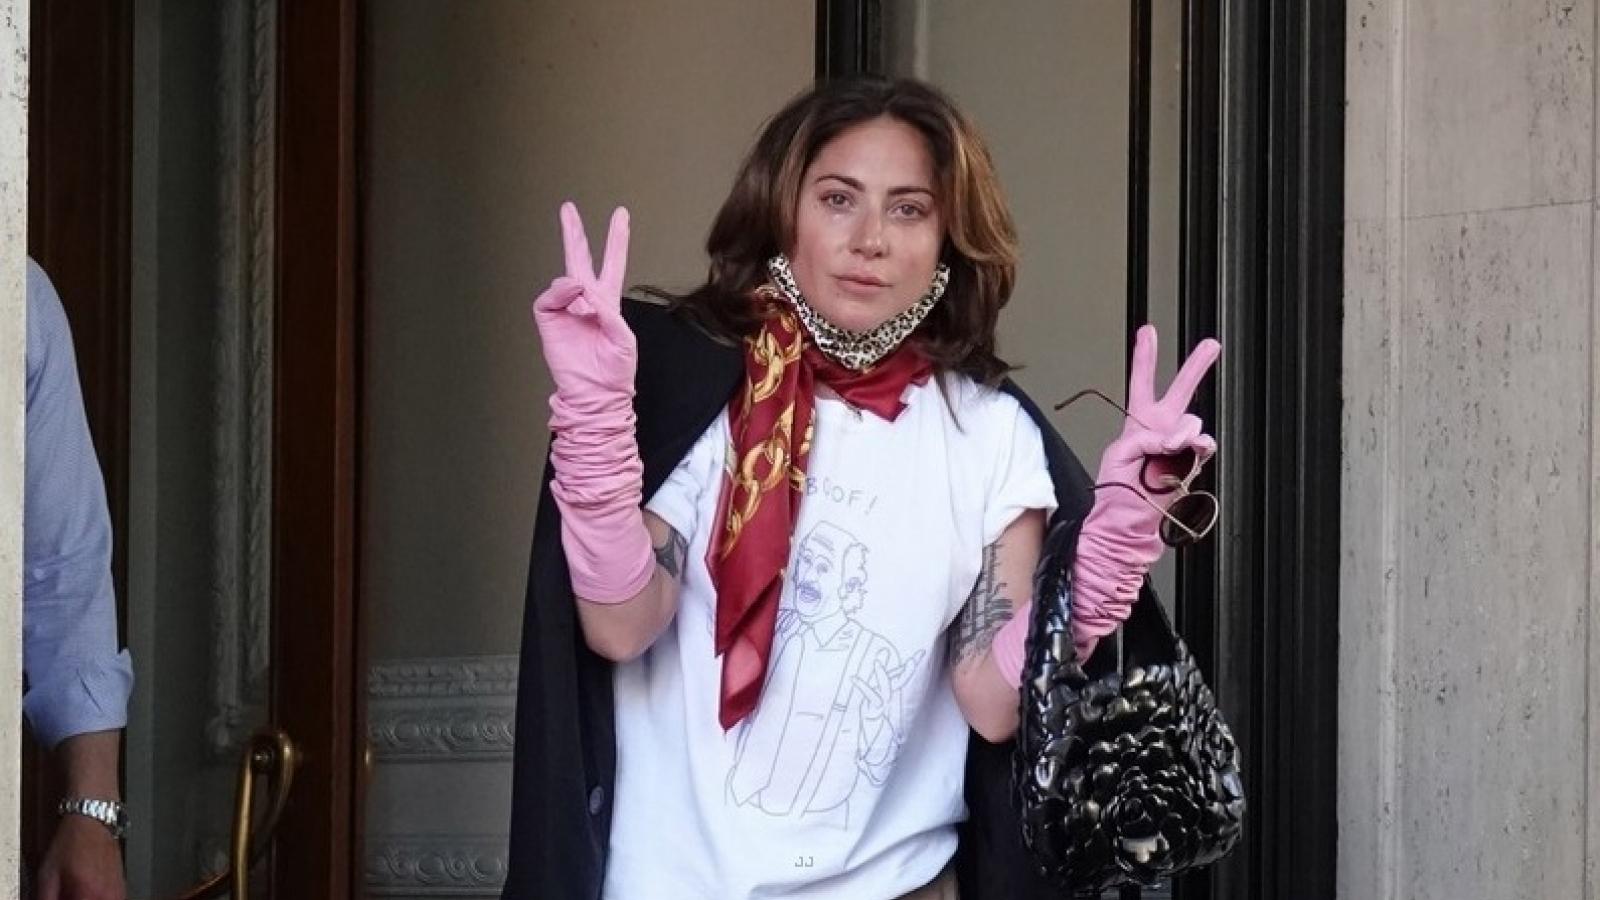 """Lady Gaga giản dị rời khỏi khách sạn sau khi quay phim """"House of Gucci"""""""